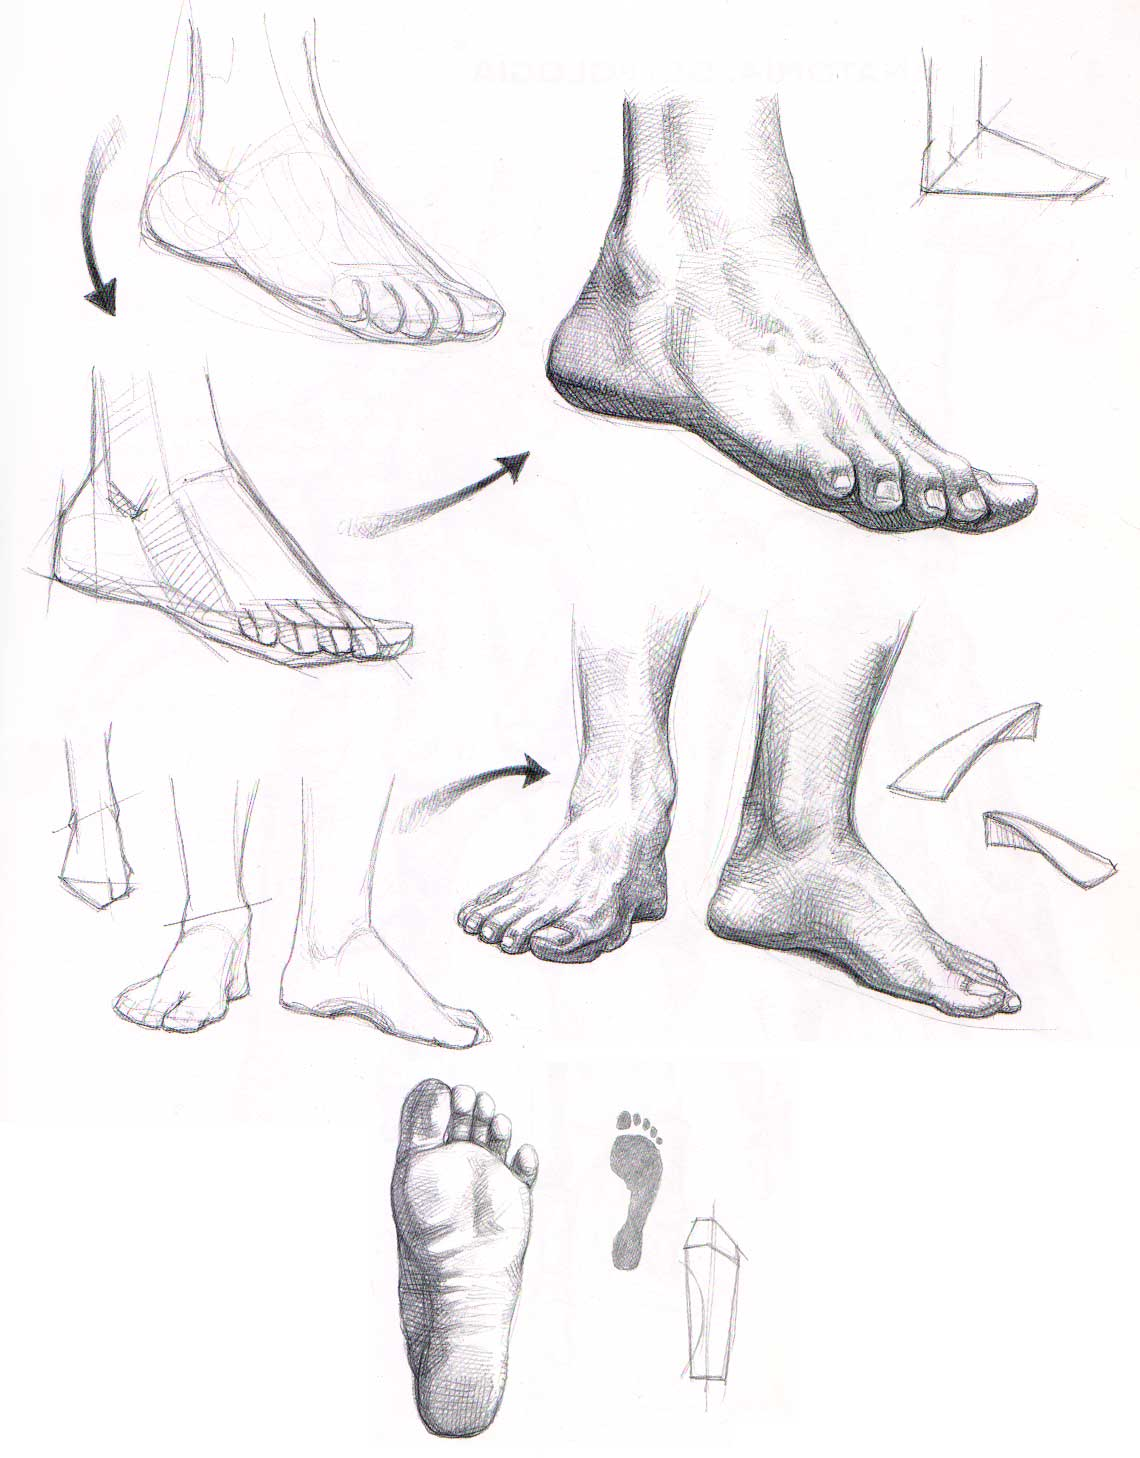 Aprender a dibujar manos y pies | El Dibujante 2.0